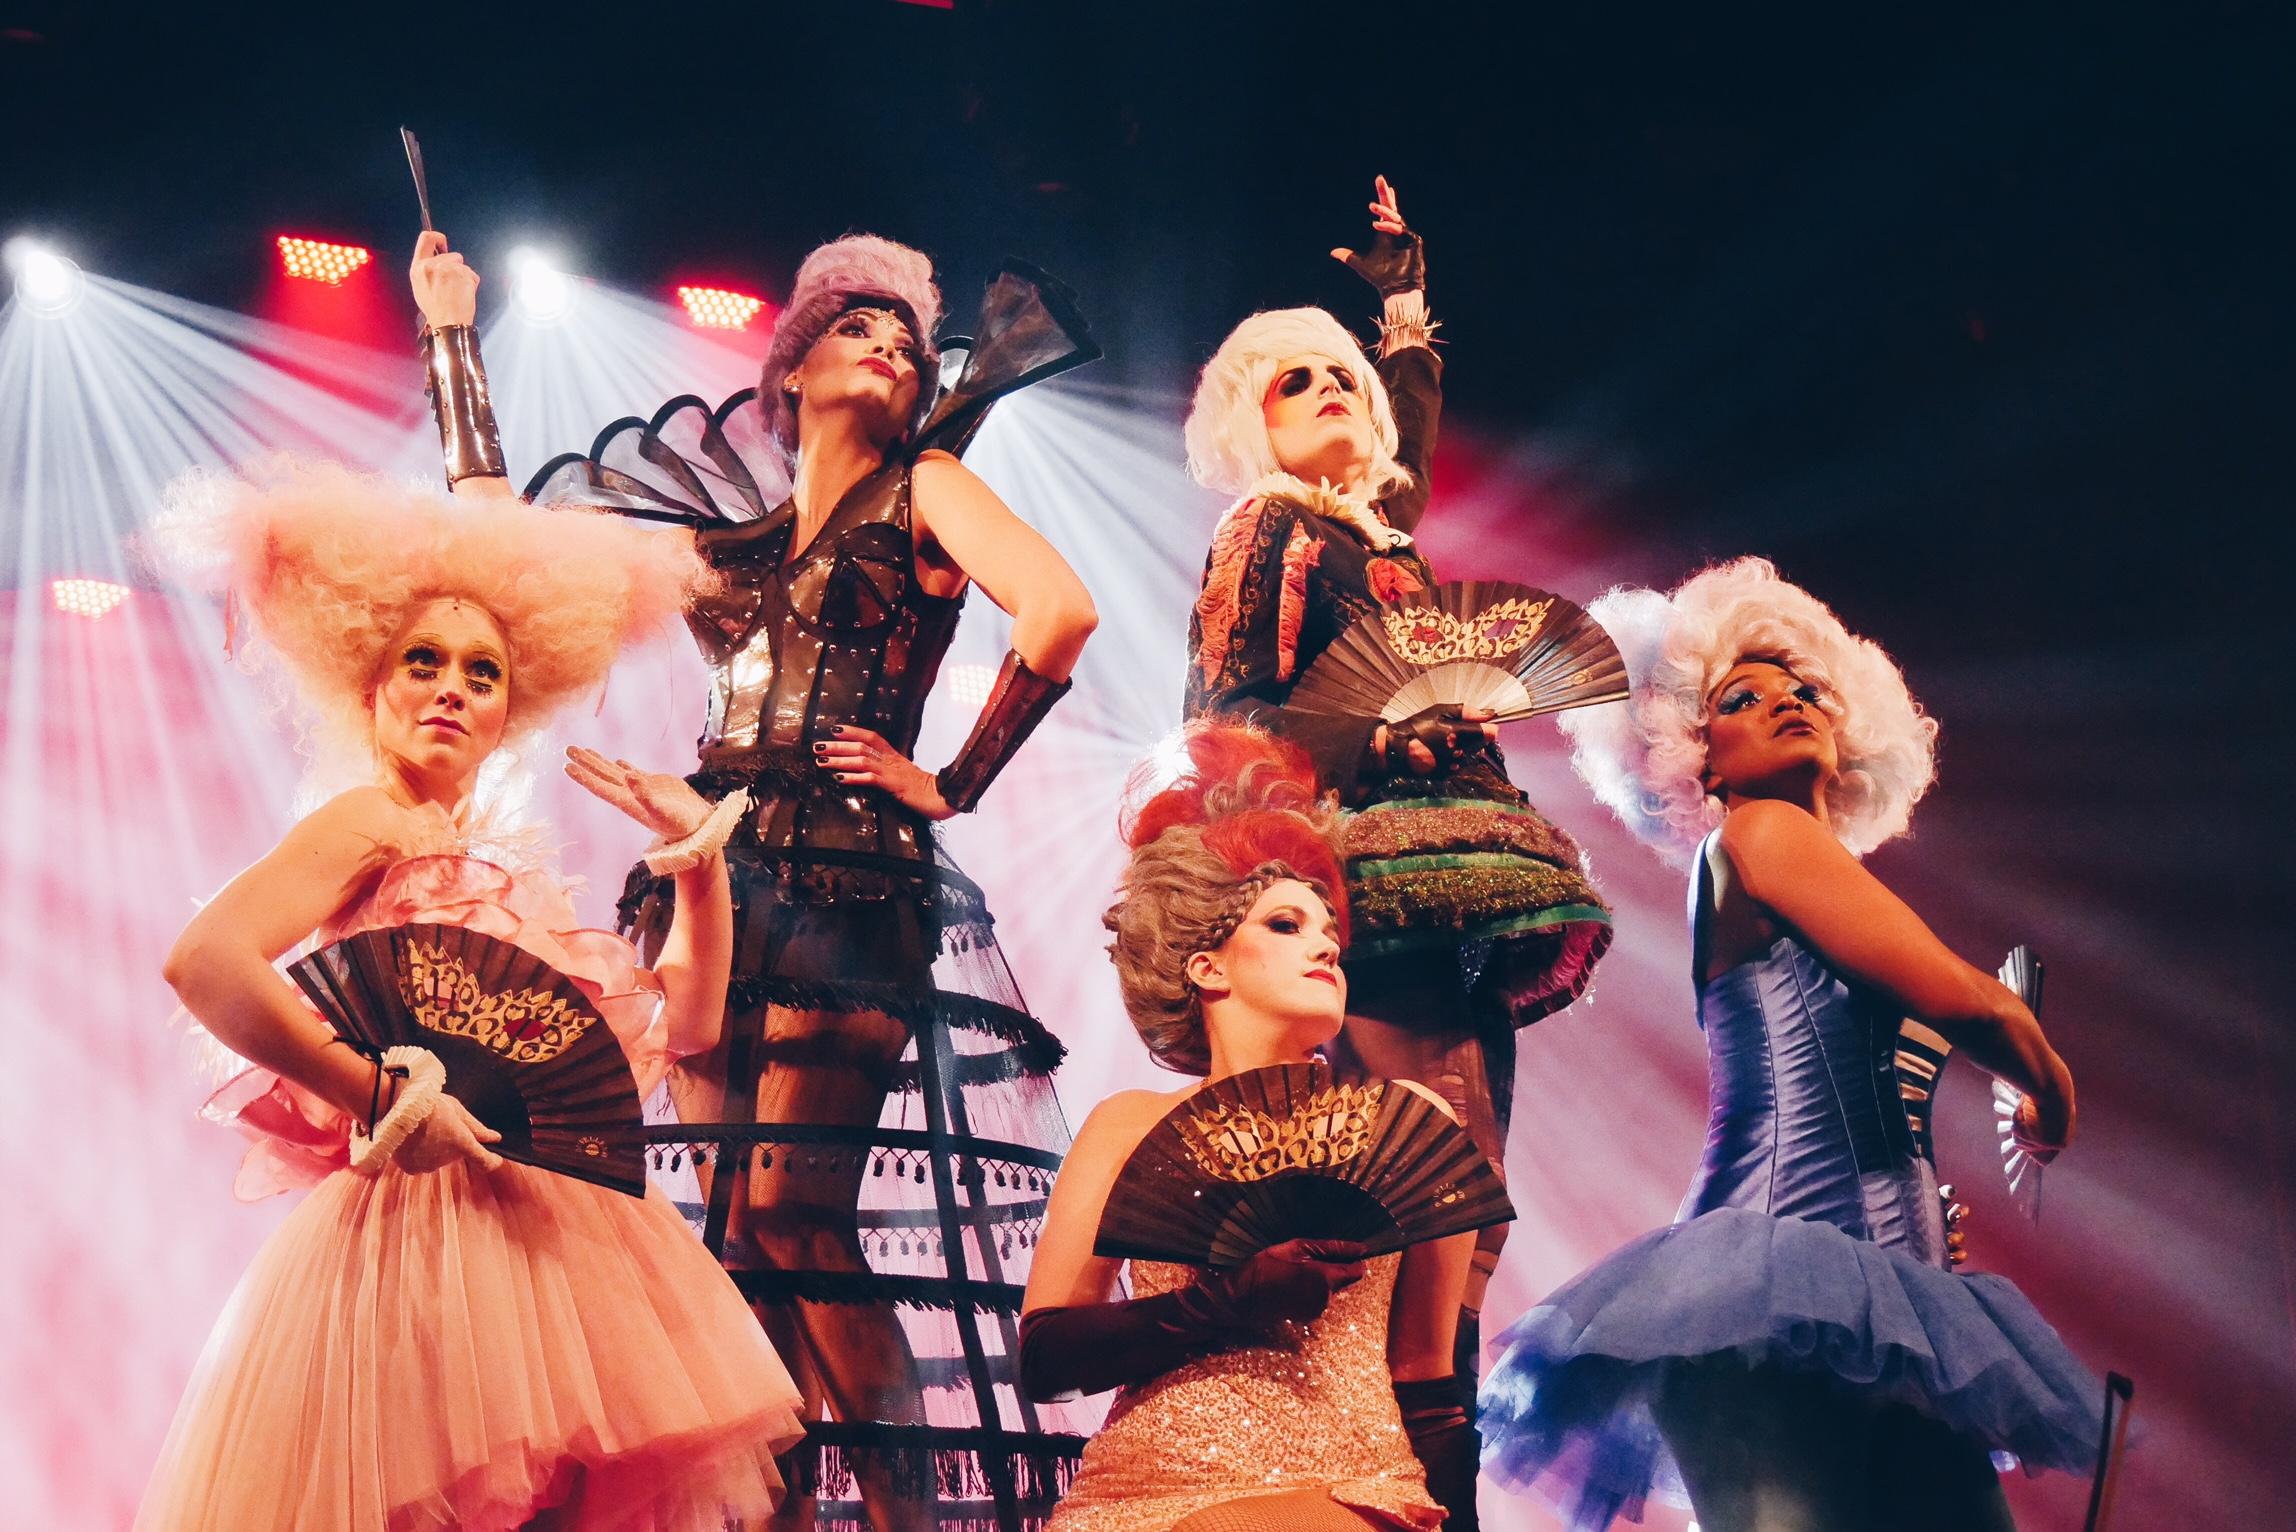 Diva-opéra-spectacle-showcase-chanteuses-lyriques-photo-scène-usofparis-blog